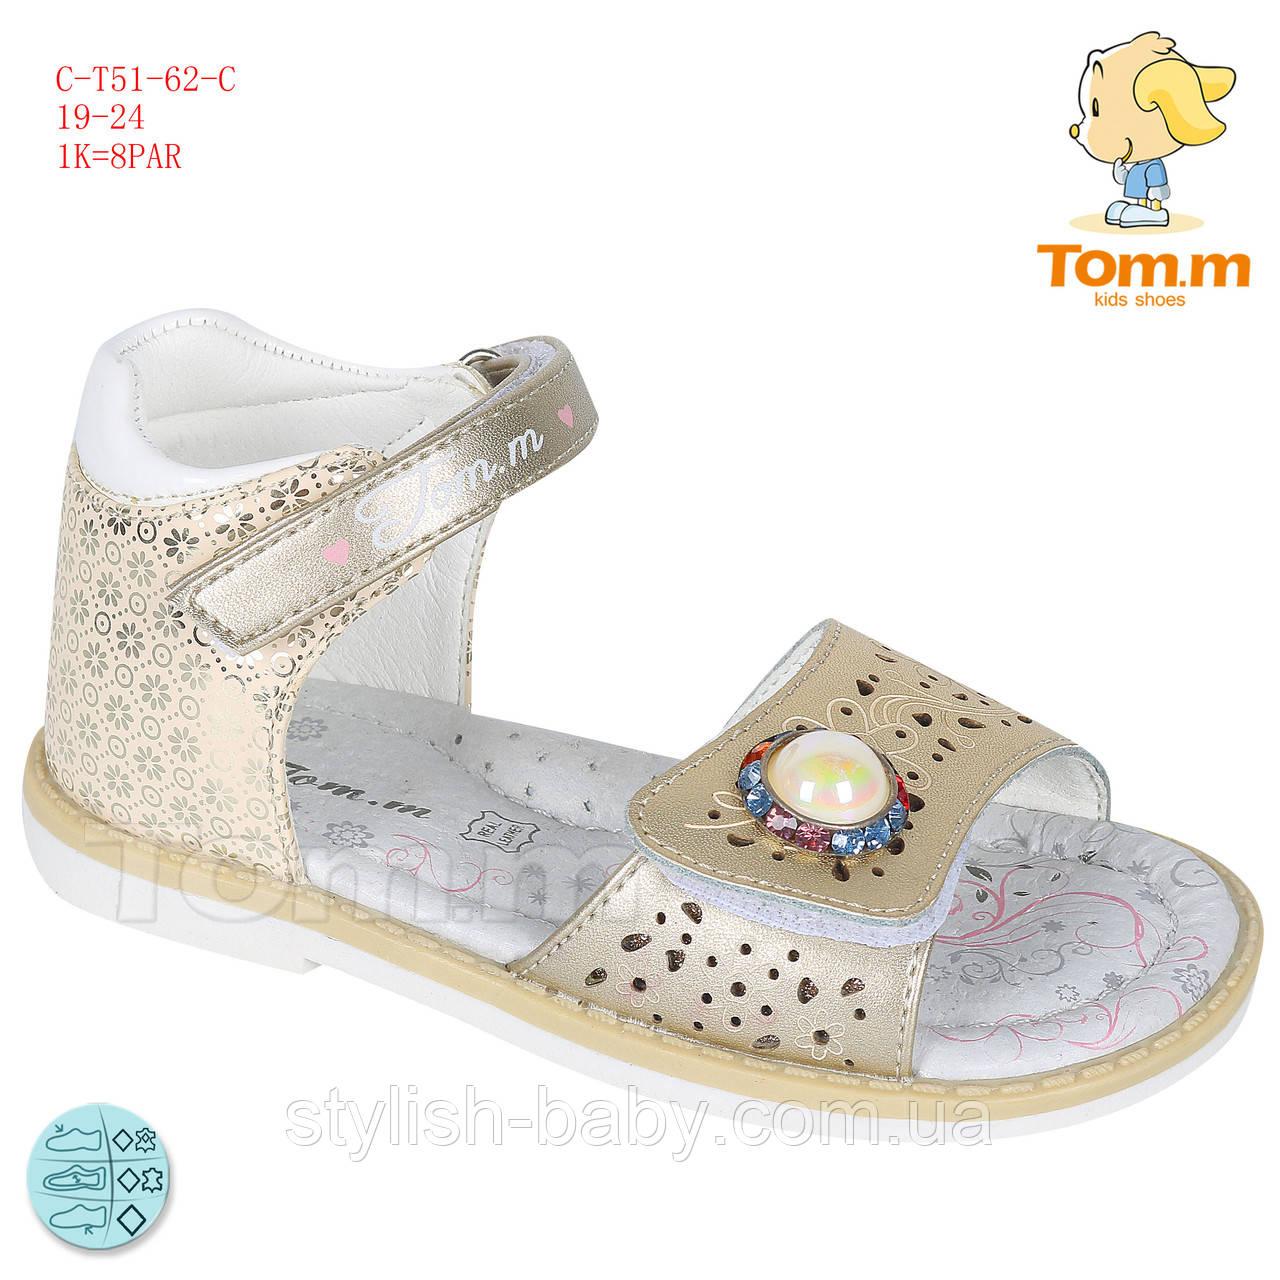 Дитяче літнє взуття оптом. Дитячі босоніжки бренду Tom.m для дівчаток (рр. з 19 по 24)